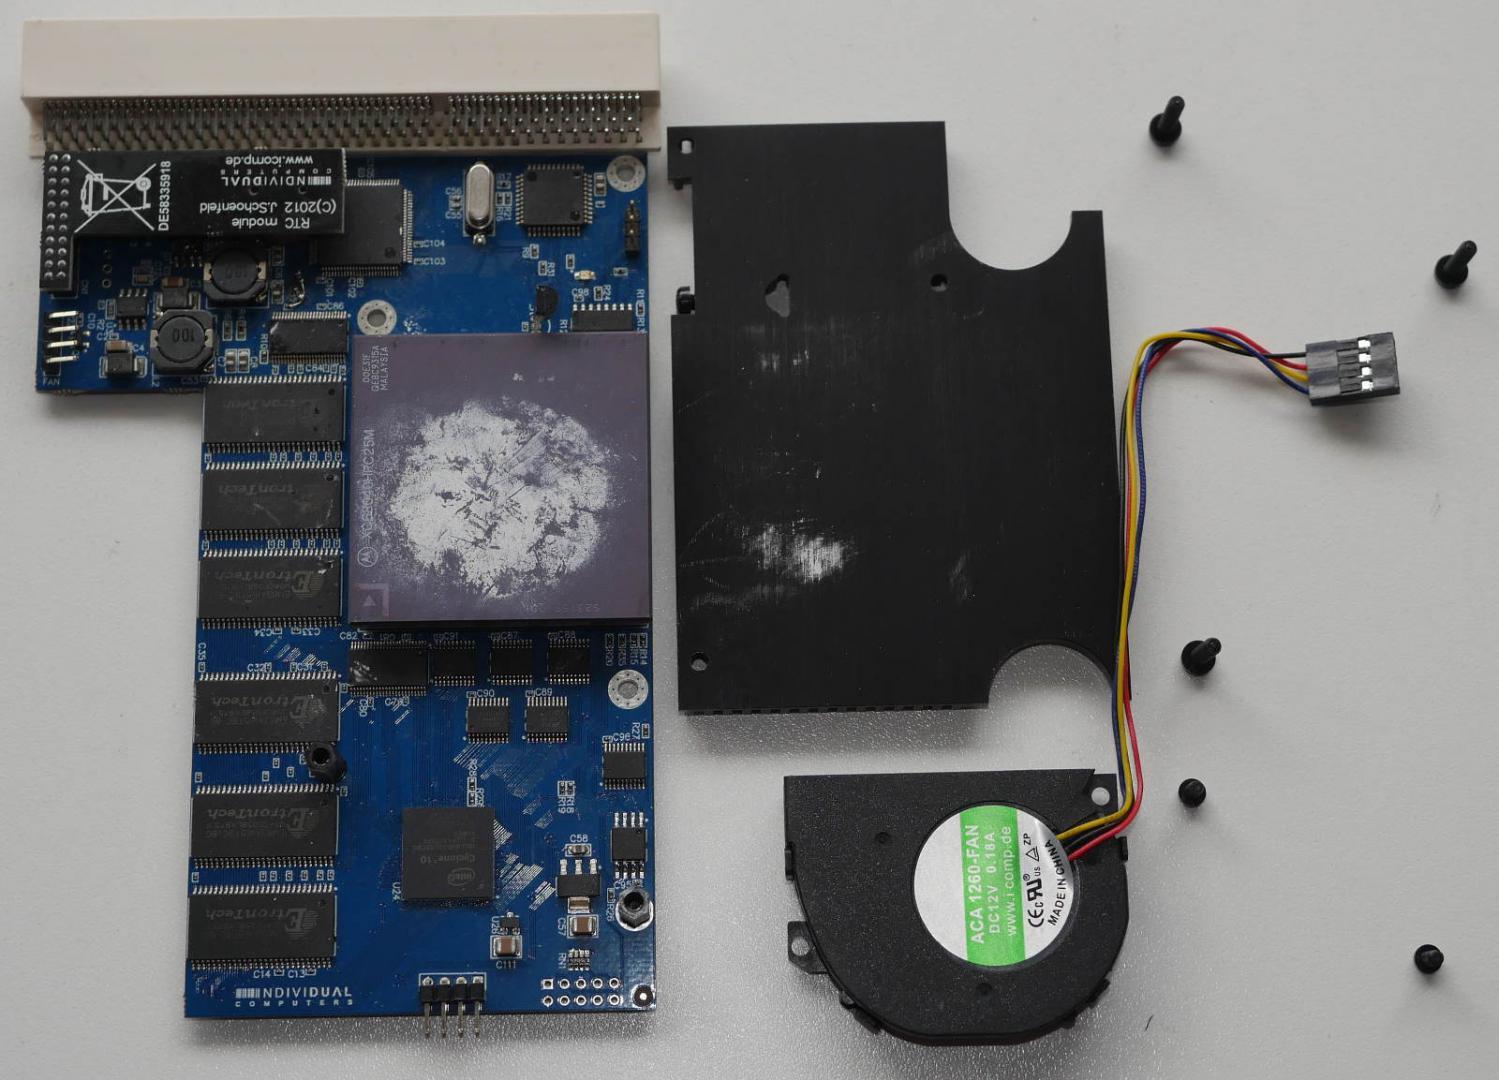 Klikněte na obrázek pro zobrazení větší verze  Název: ACA1260_Cooling_parts.jpg Zobrazeno: 65 Velikost: 167,9 KB ID: 9937